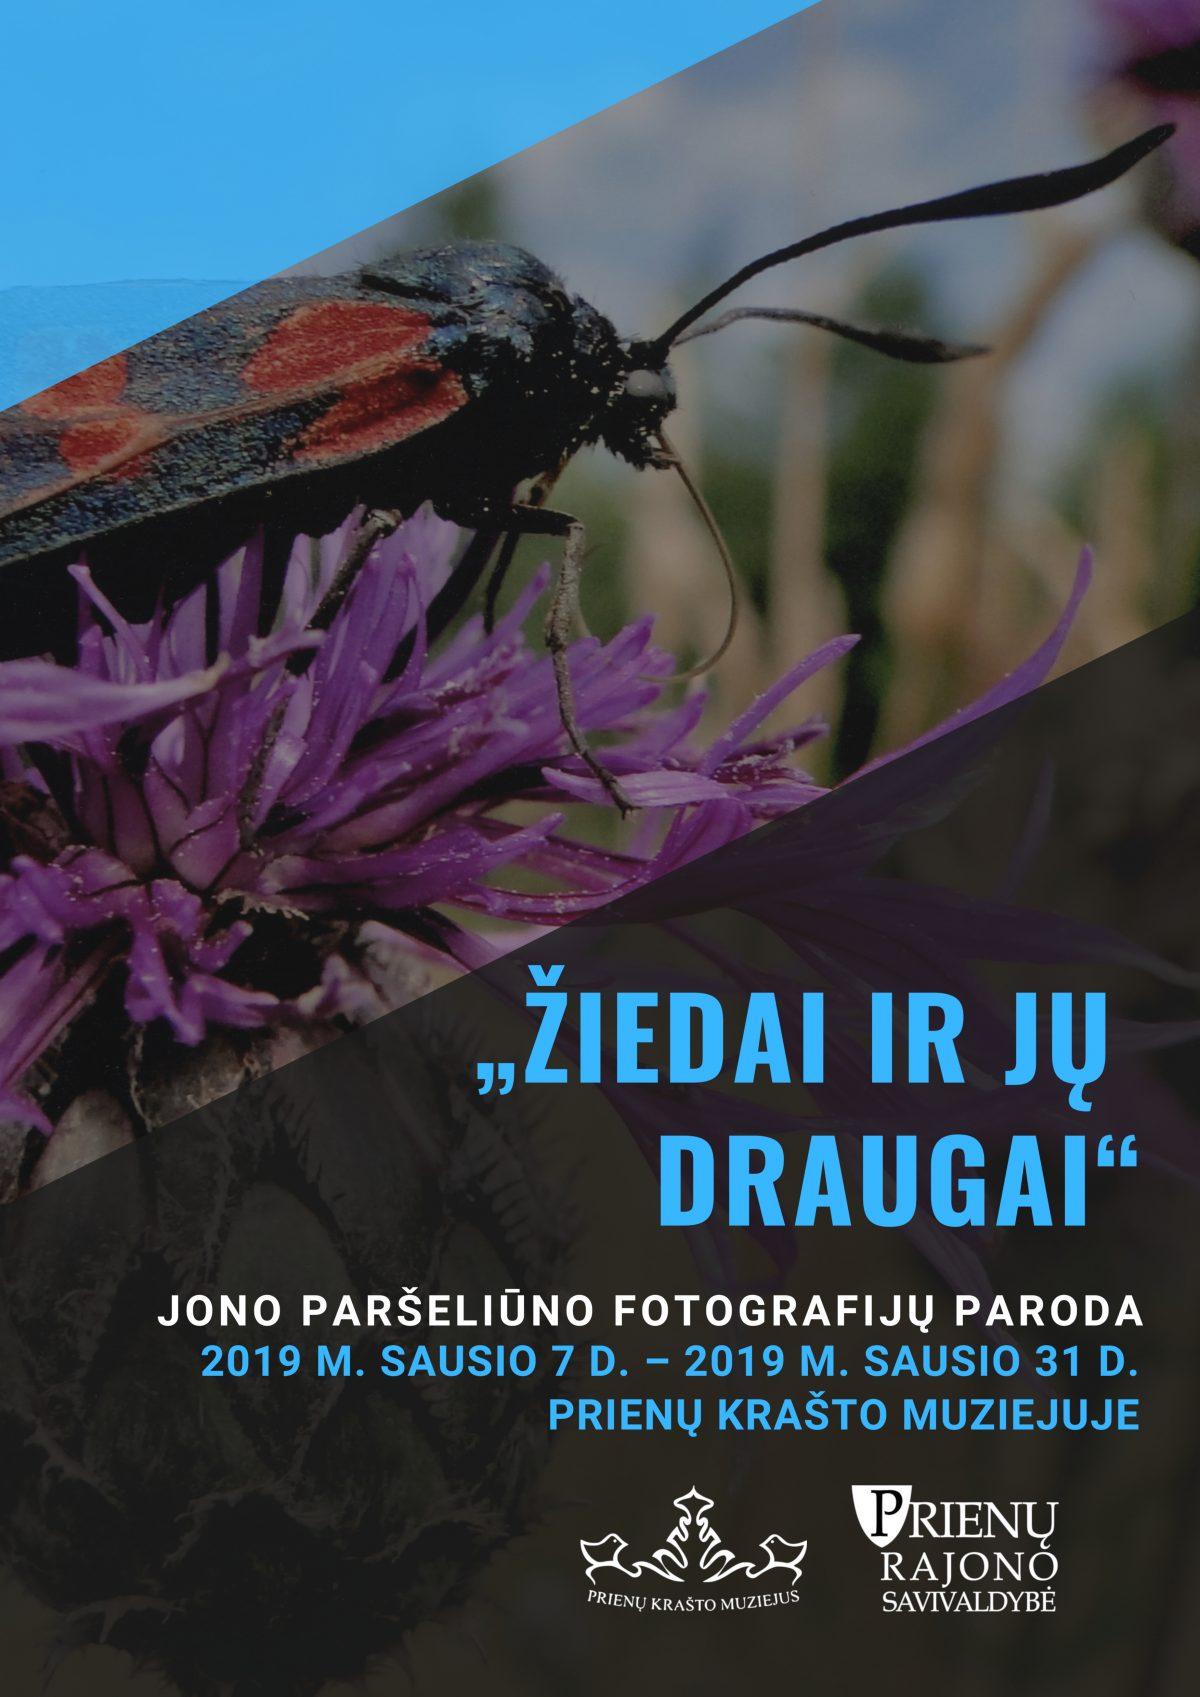 Jono Paršeliūno personalinių fotografijų paroda 2